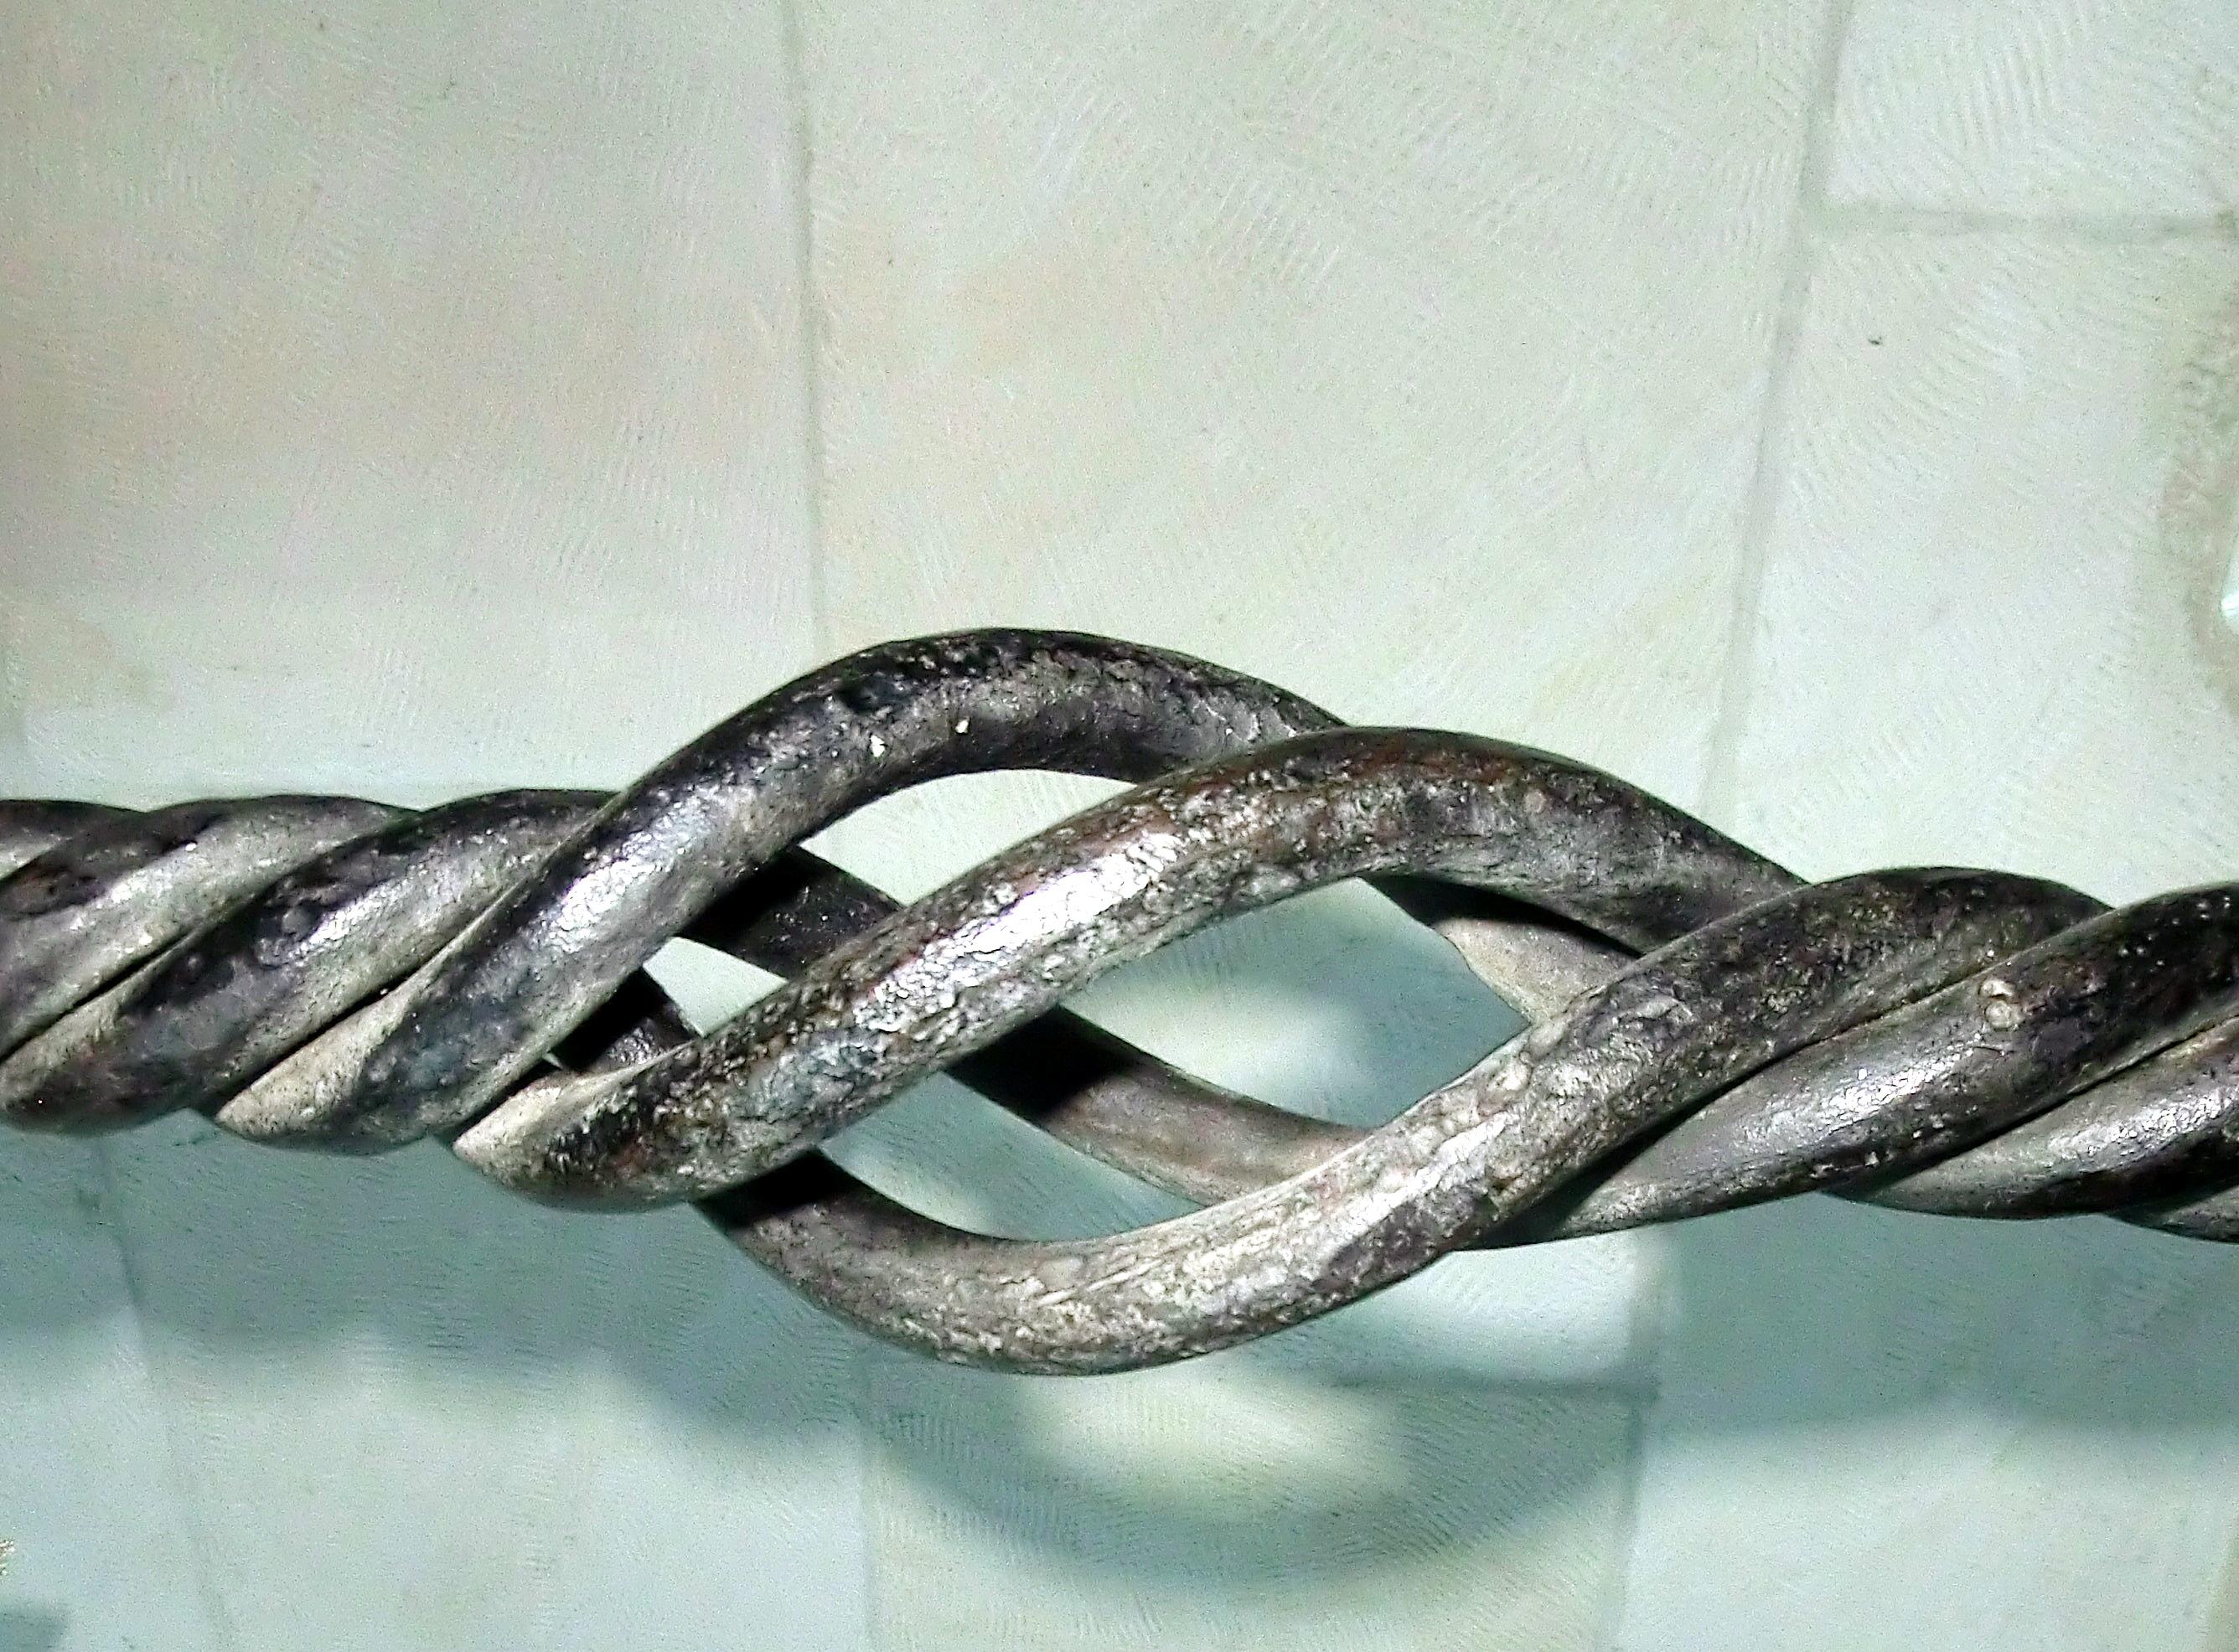 נרתיקה כלוא - מתפתלת בחלליה